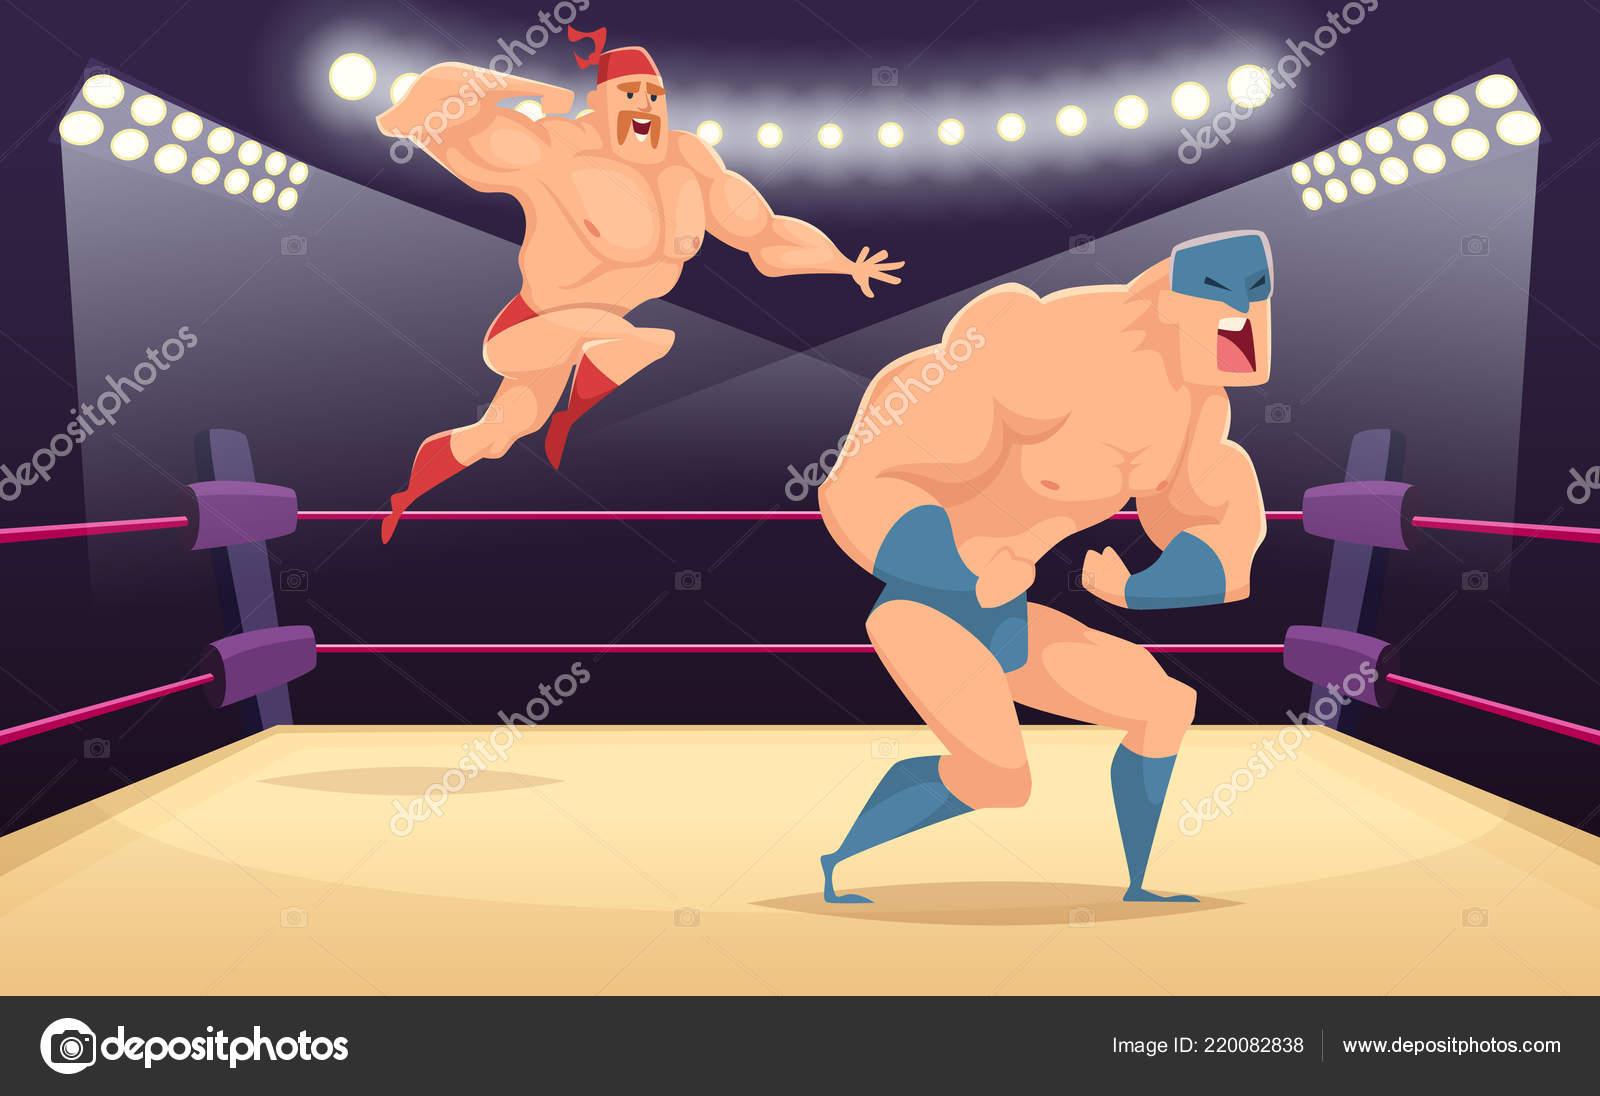 Fumetto di combattenti del lottatore marziale personaggi dei